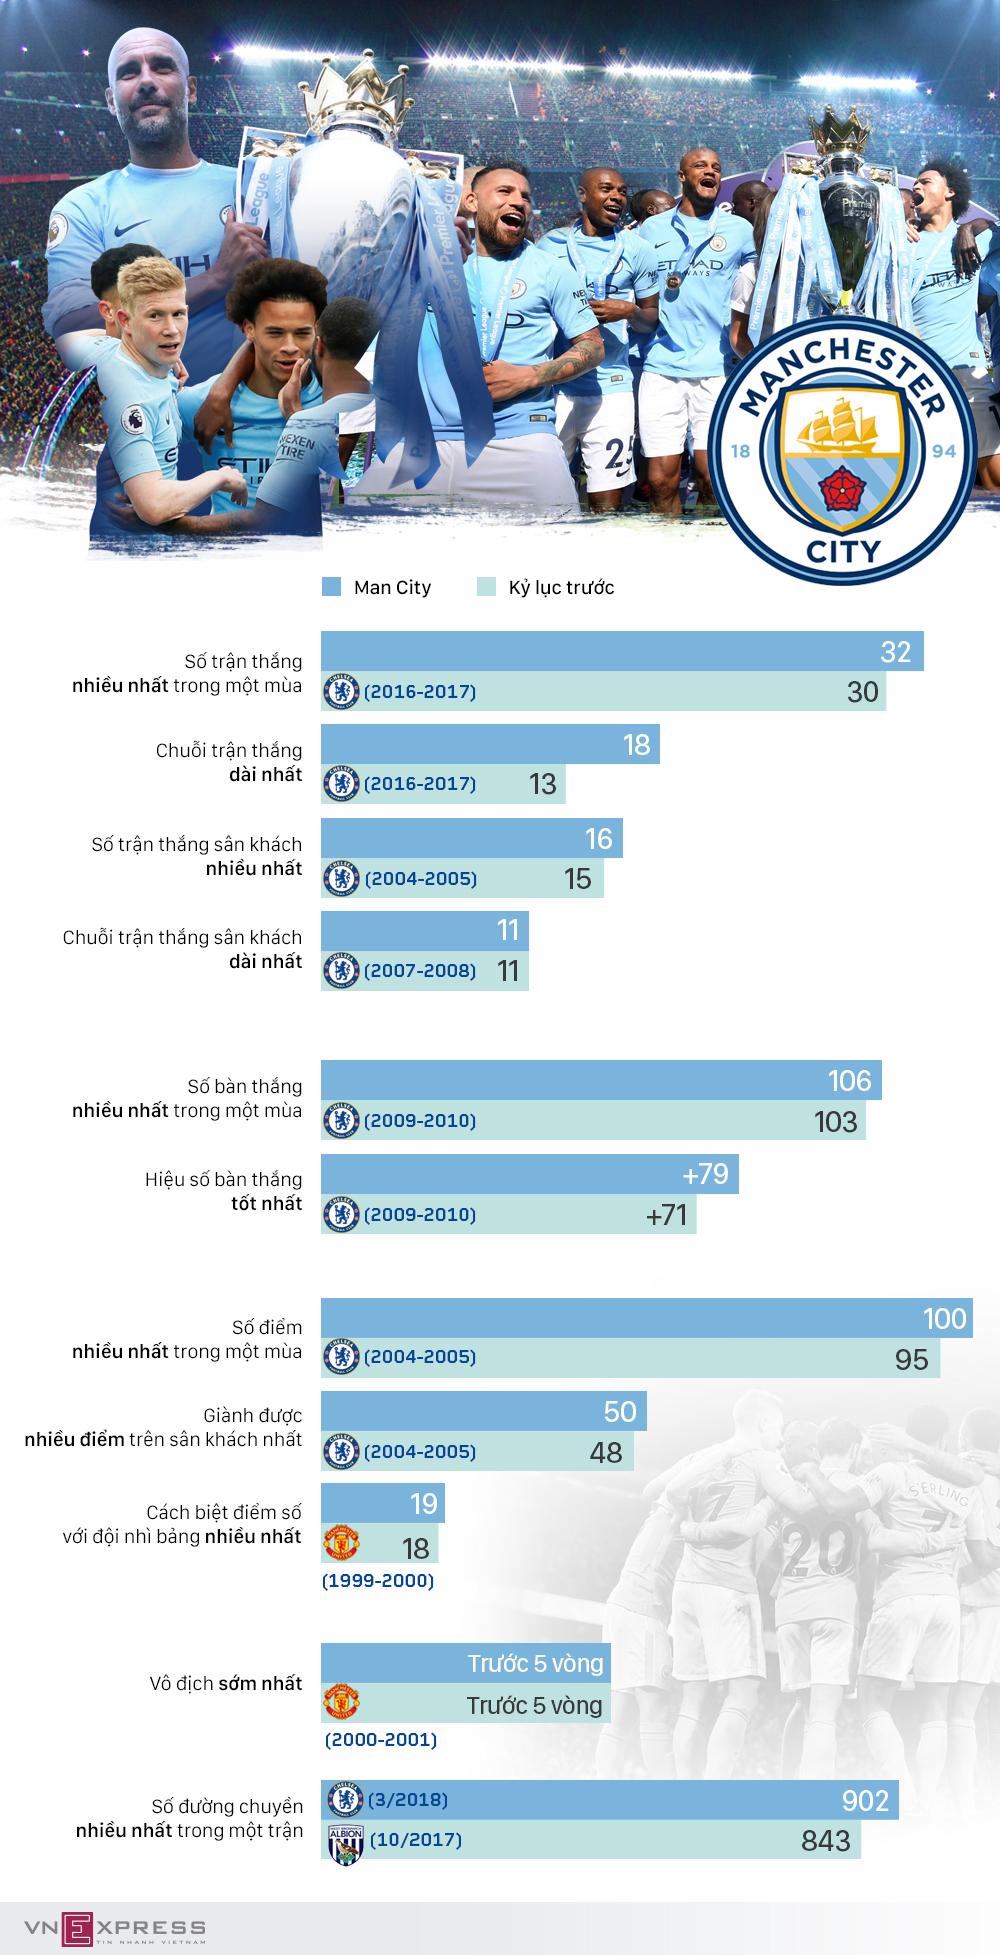 Man City và chuỗi kỷ lục tại Ngoại hạng Anh 2017-2018